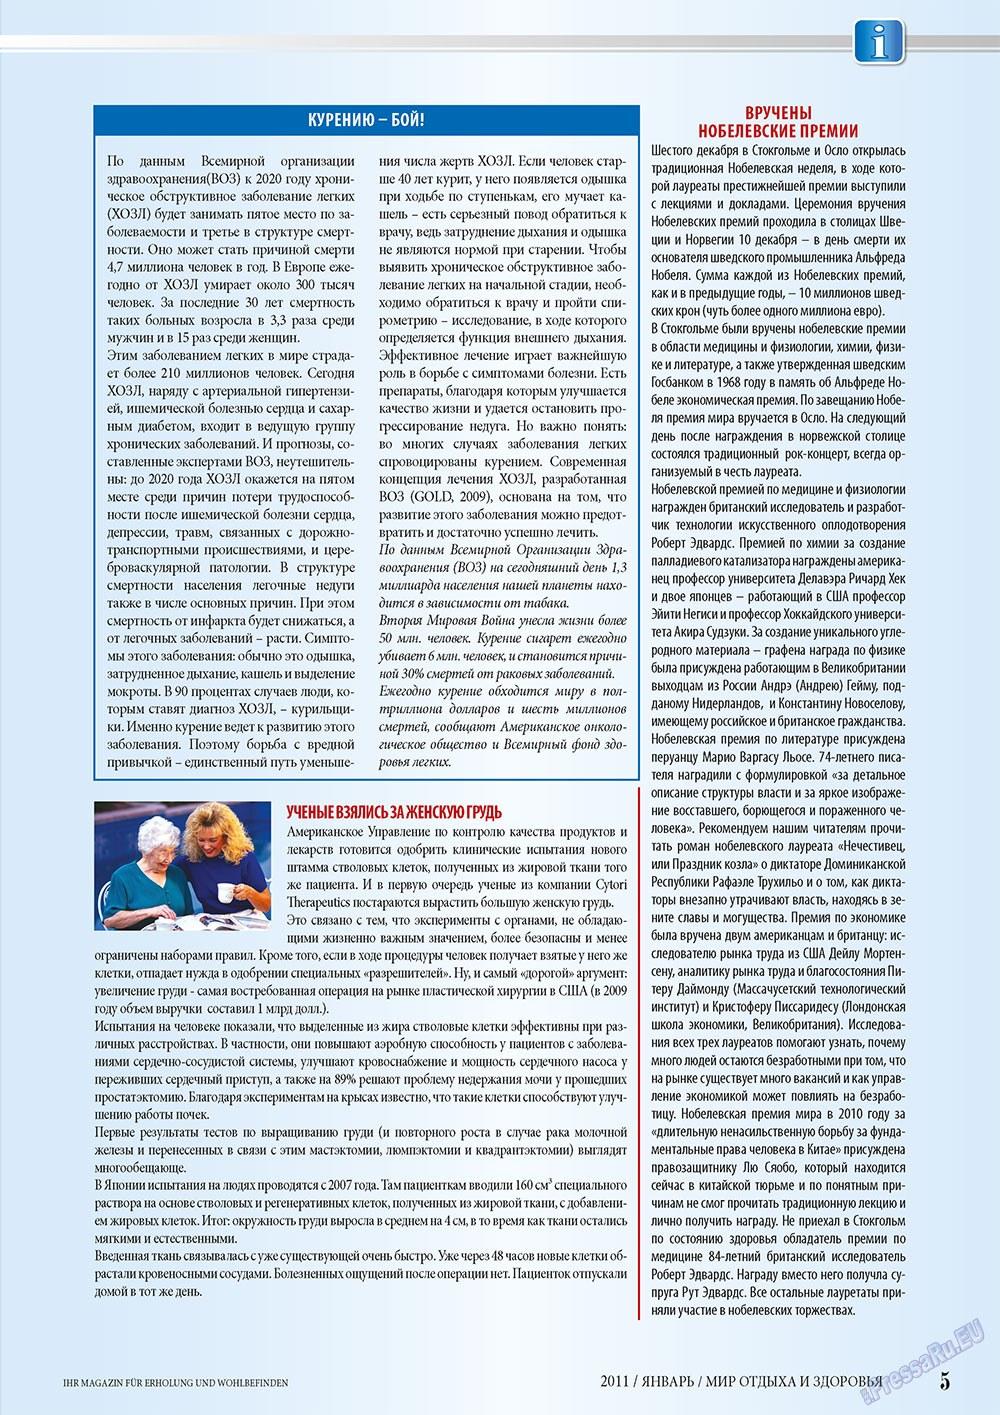 Мир отдыха и здоровья (журнал). 2011 год, номер 1, стр. 5